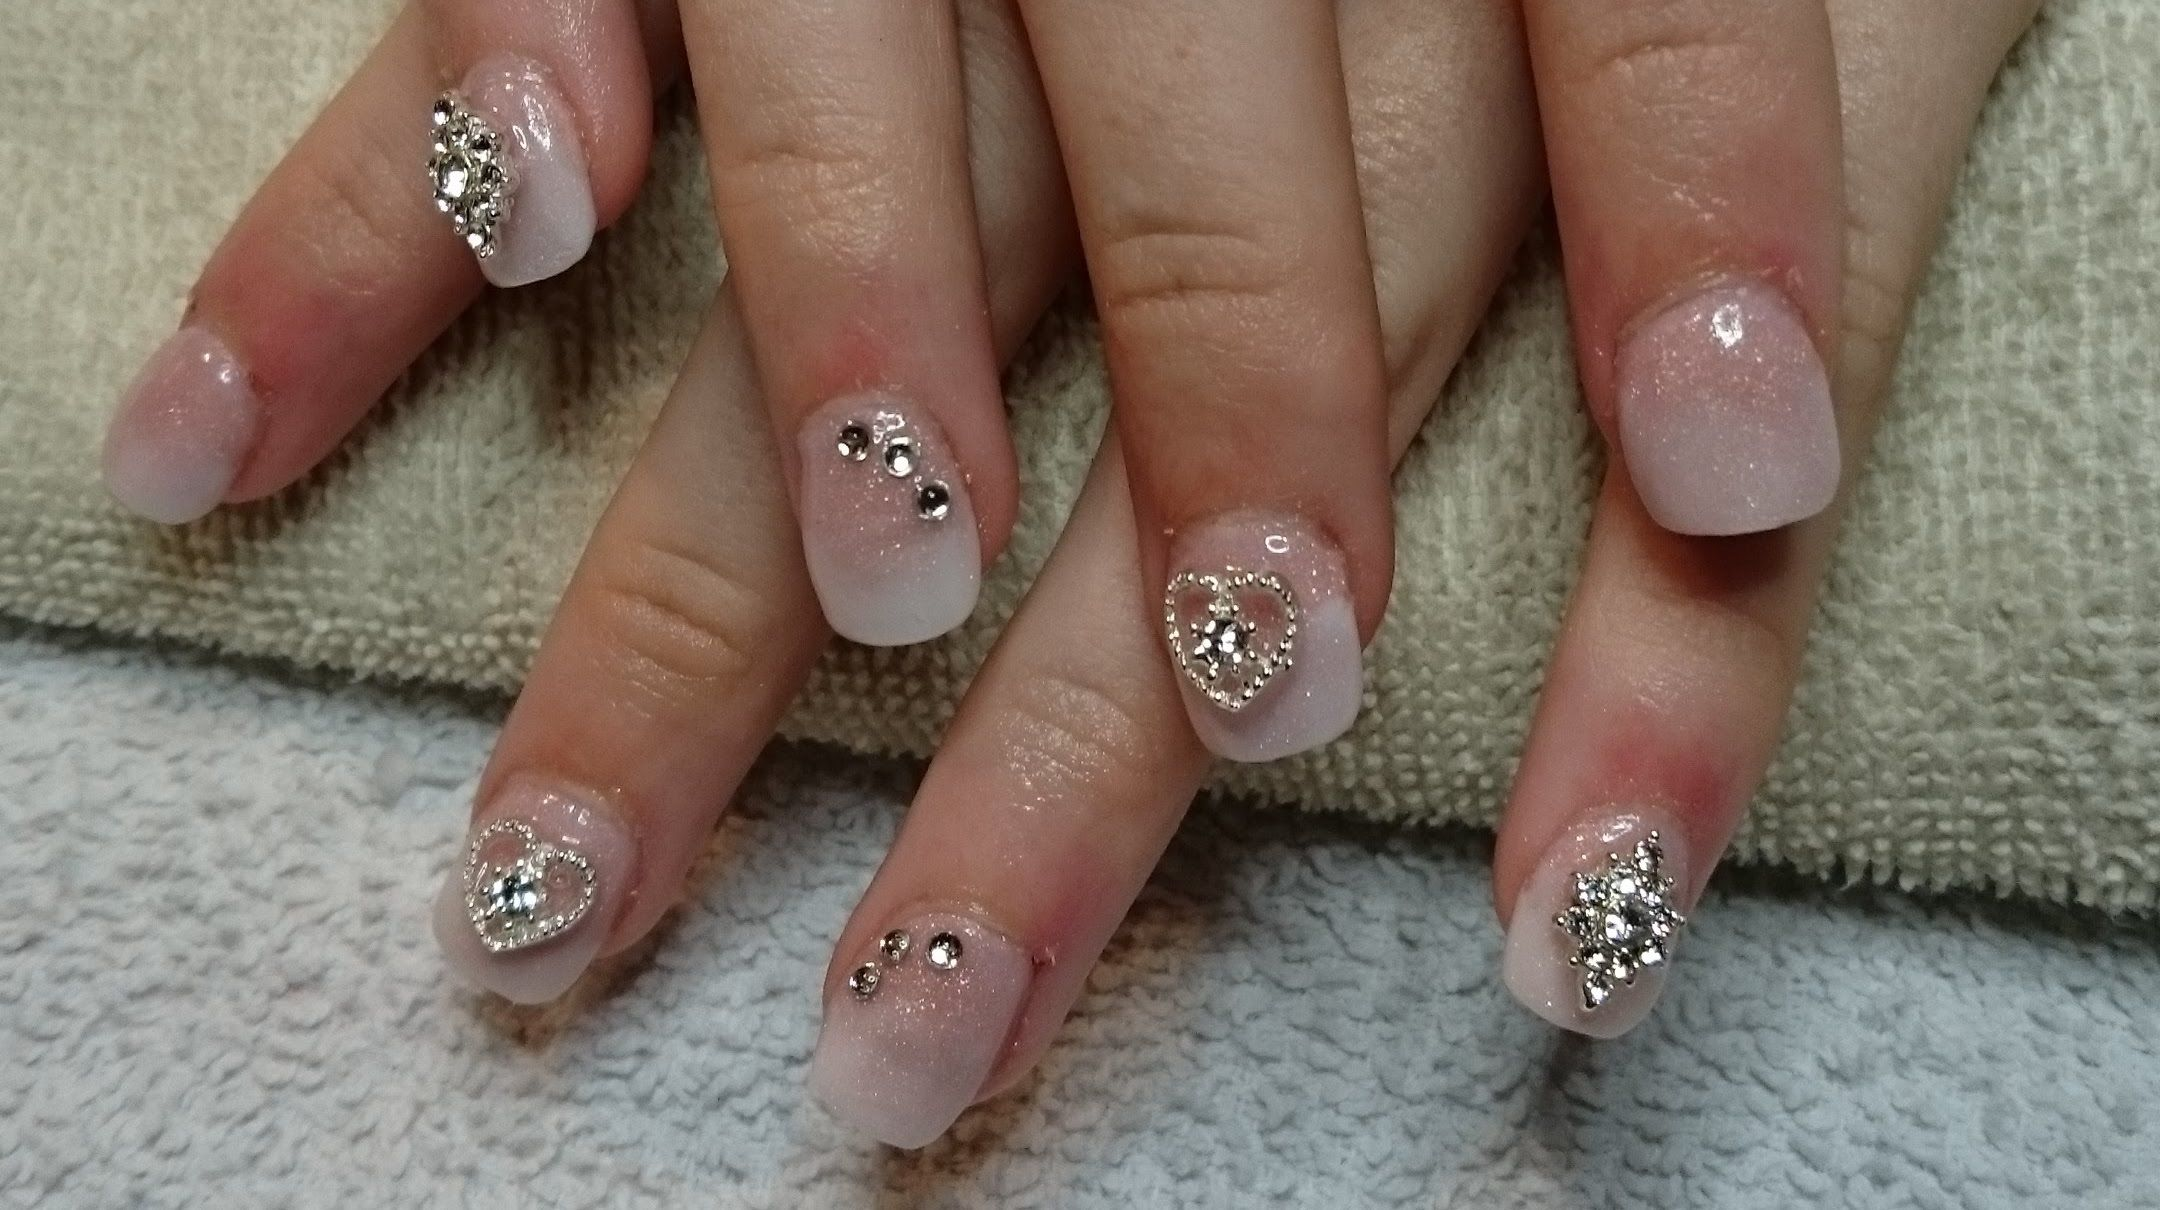 Acrylic Nails | Babyboomer | Nailsofnorway | Nails & Toes Designs to ...